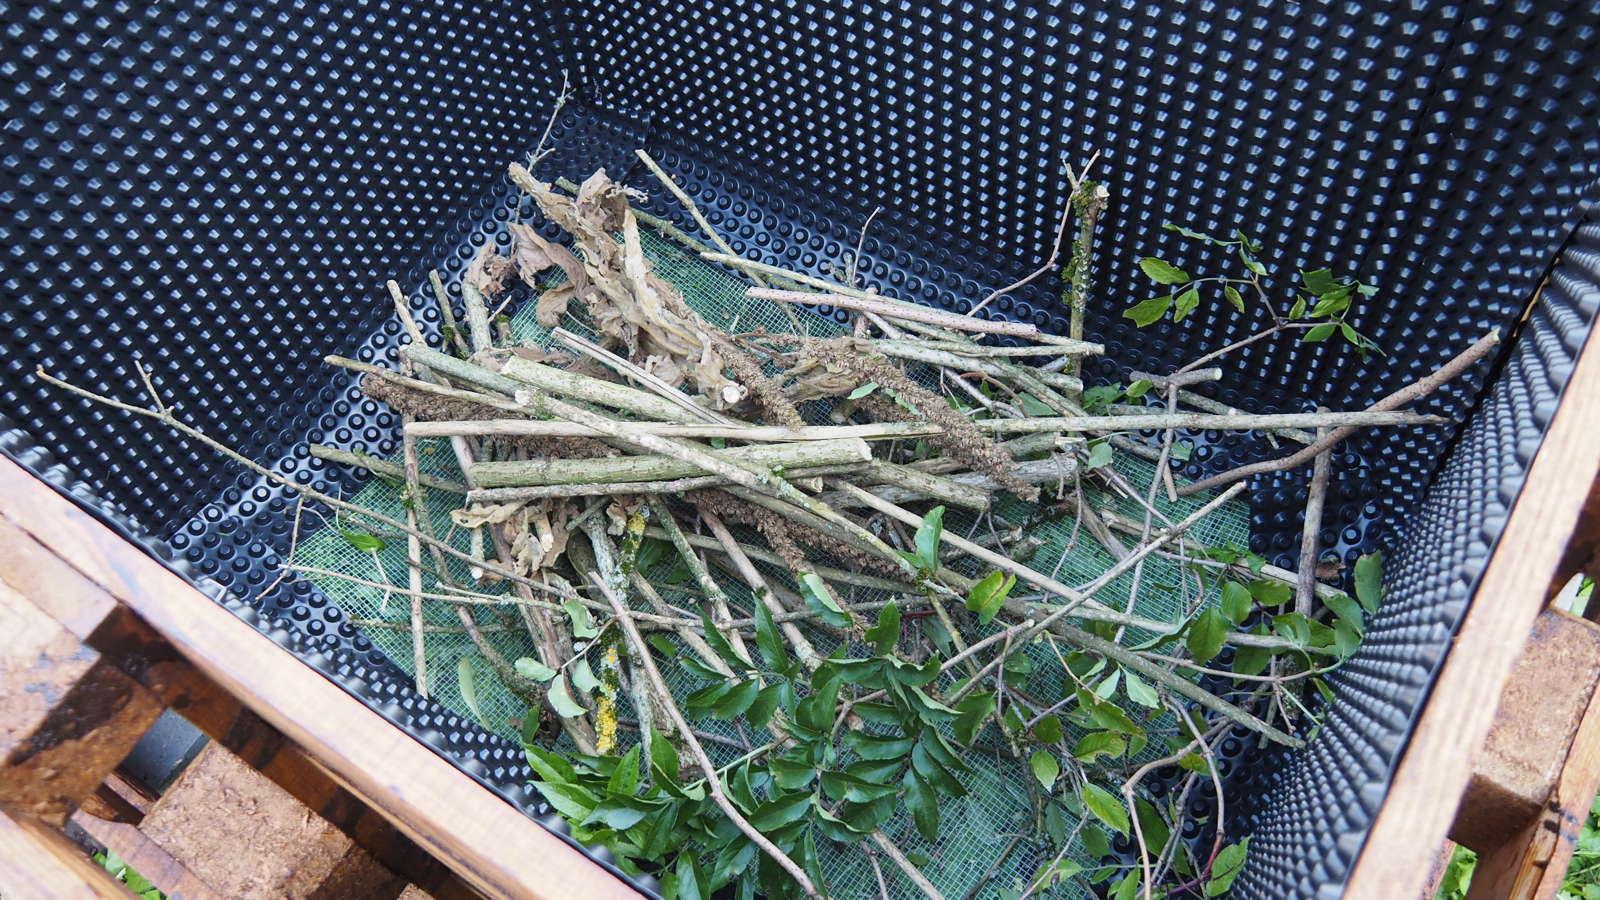 Hochbeet Befullen Anleitung Expertentipps Plantura